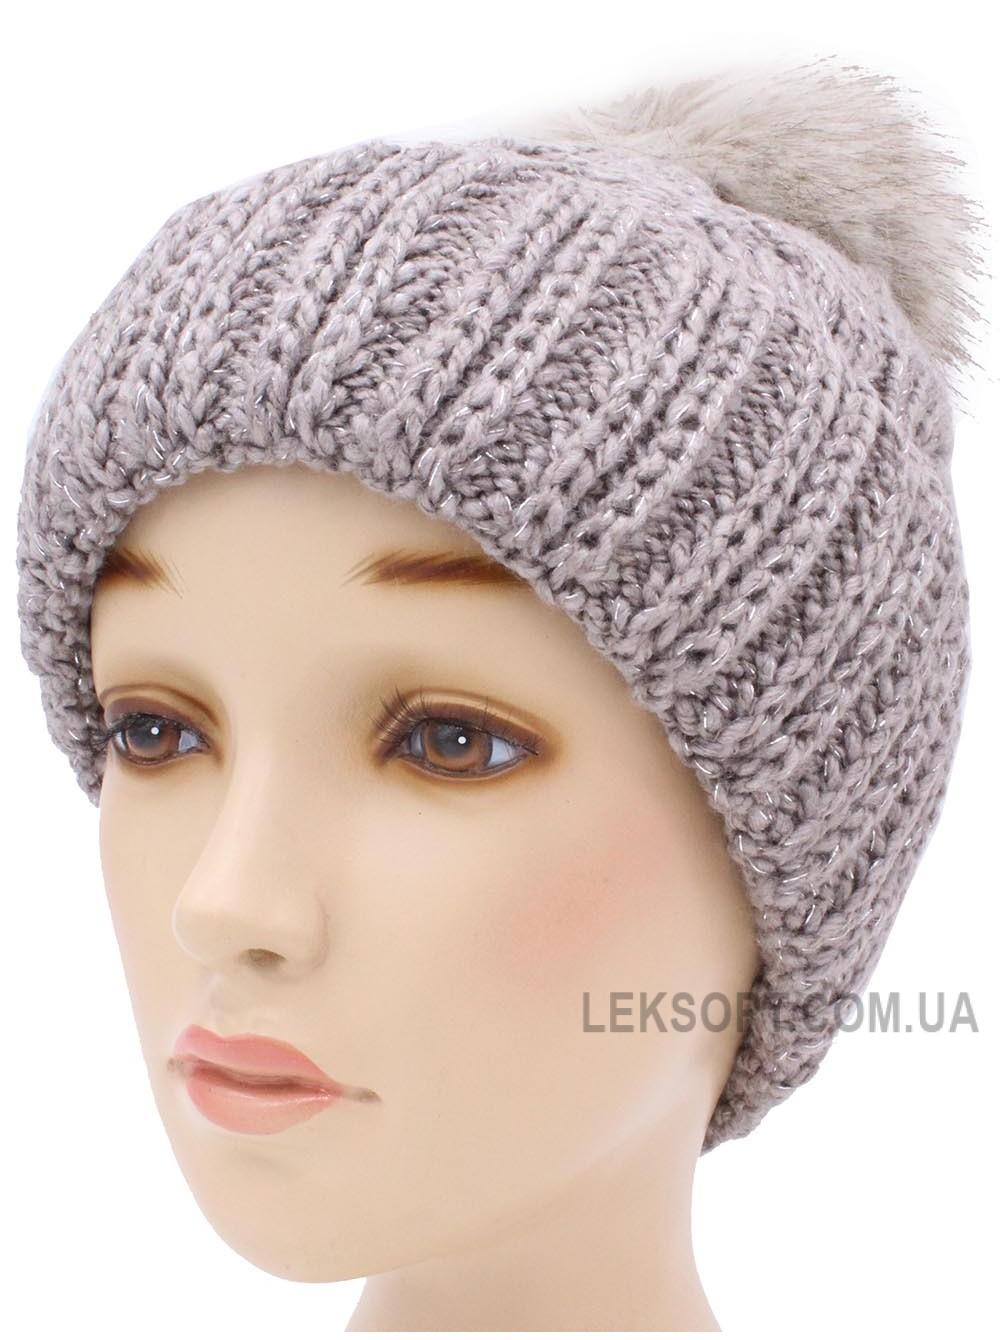 Детская вязаная шапка Диана W31536-52-56